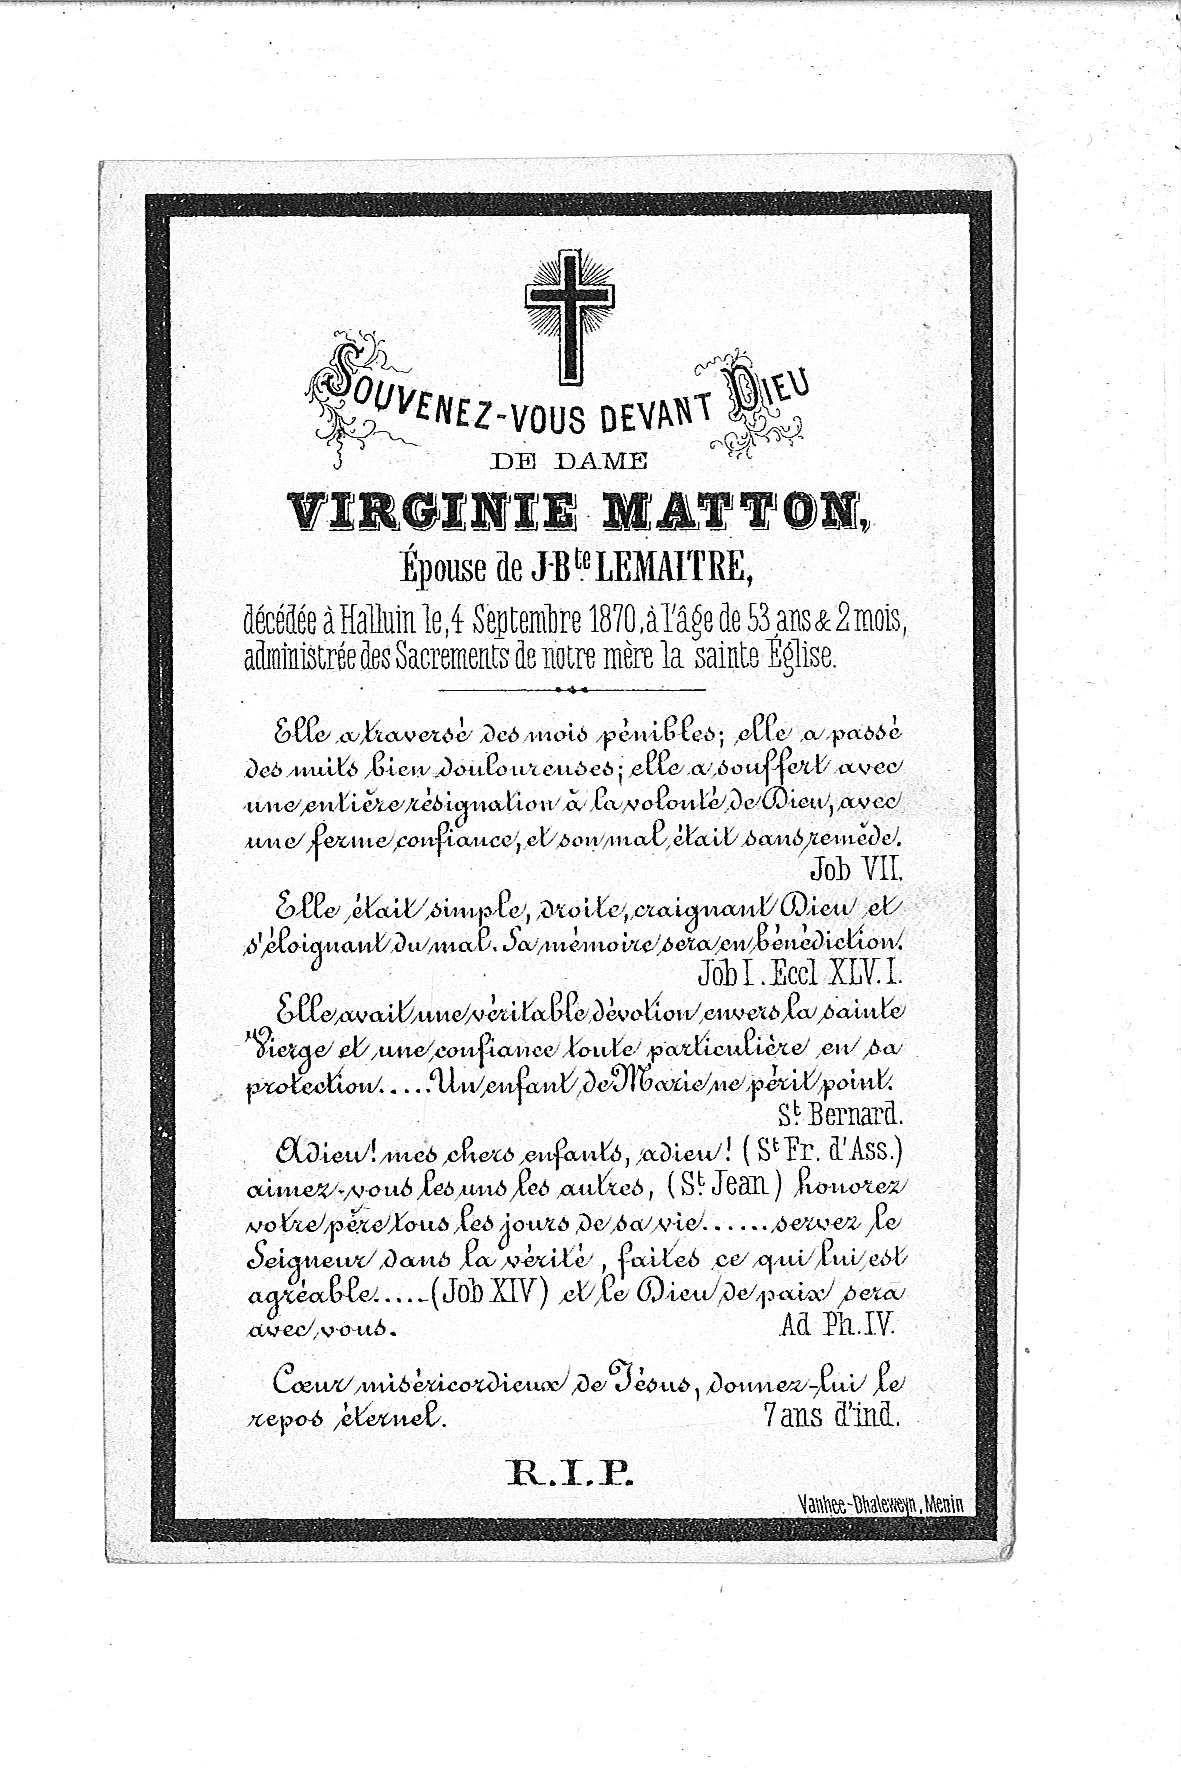 Virginie(1870)20100203094749_00020.jpg